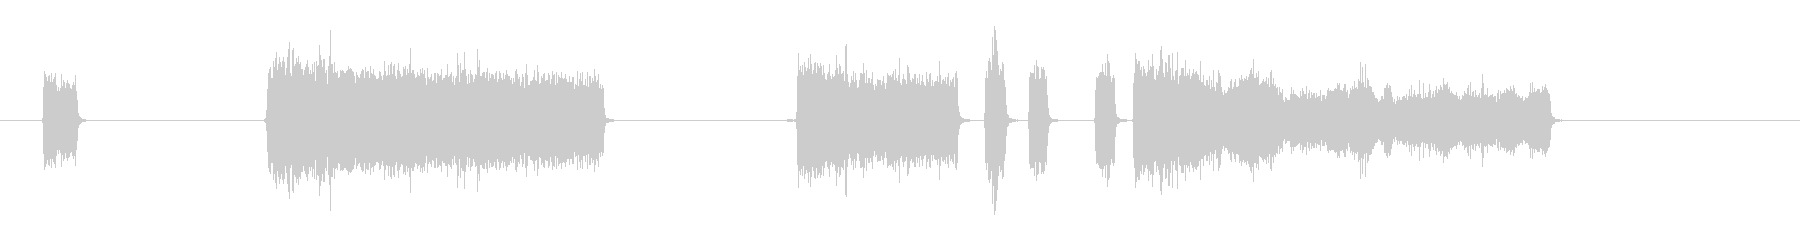 PUFFS-吹く空気-4バージョン1の未再生の波形